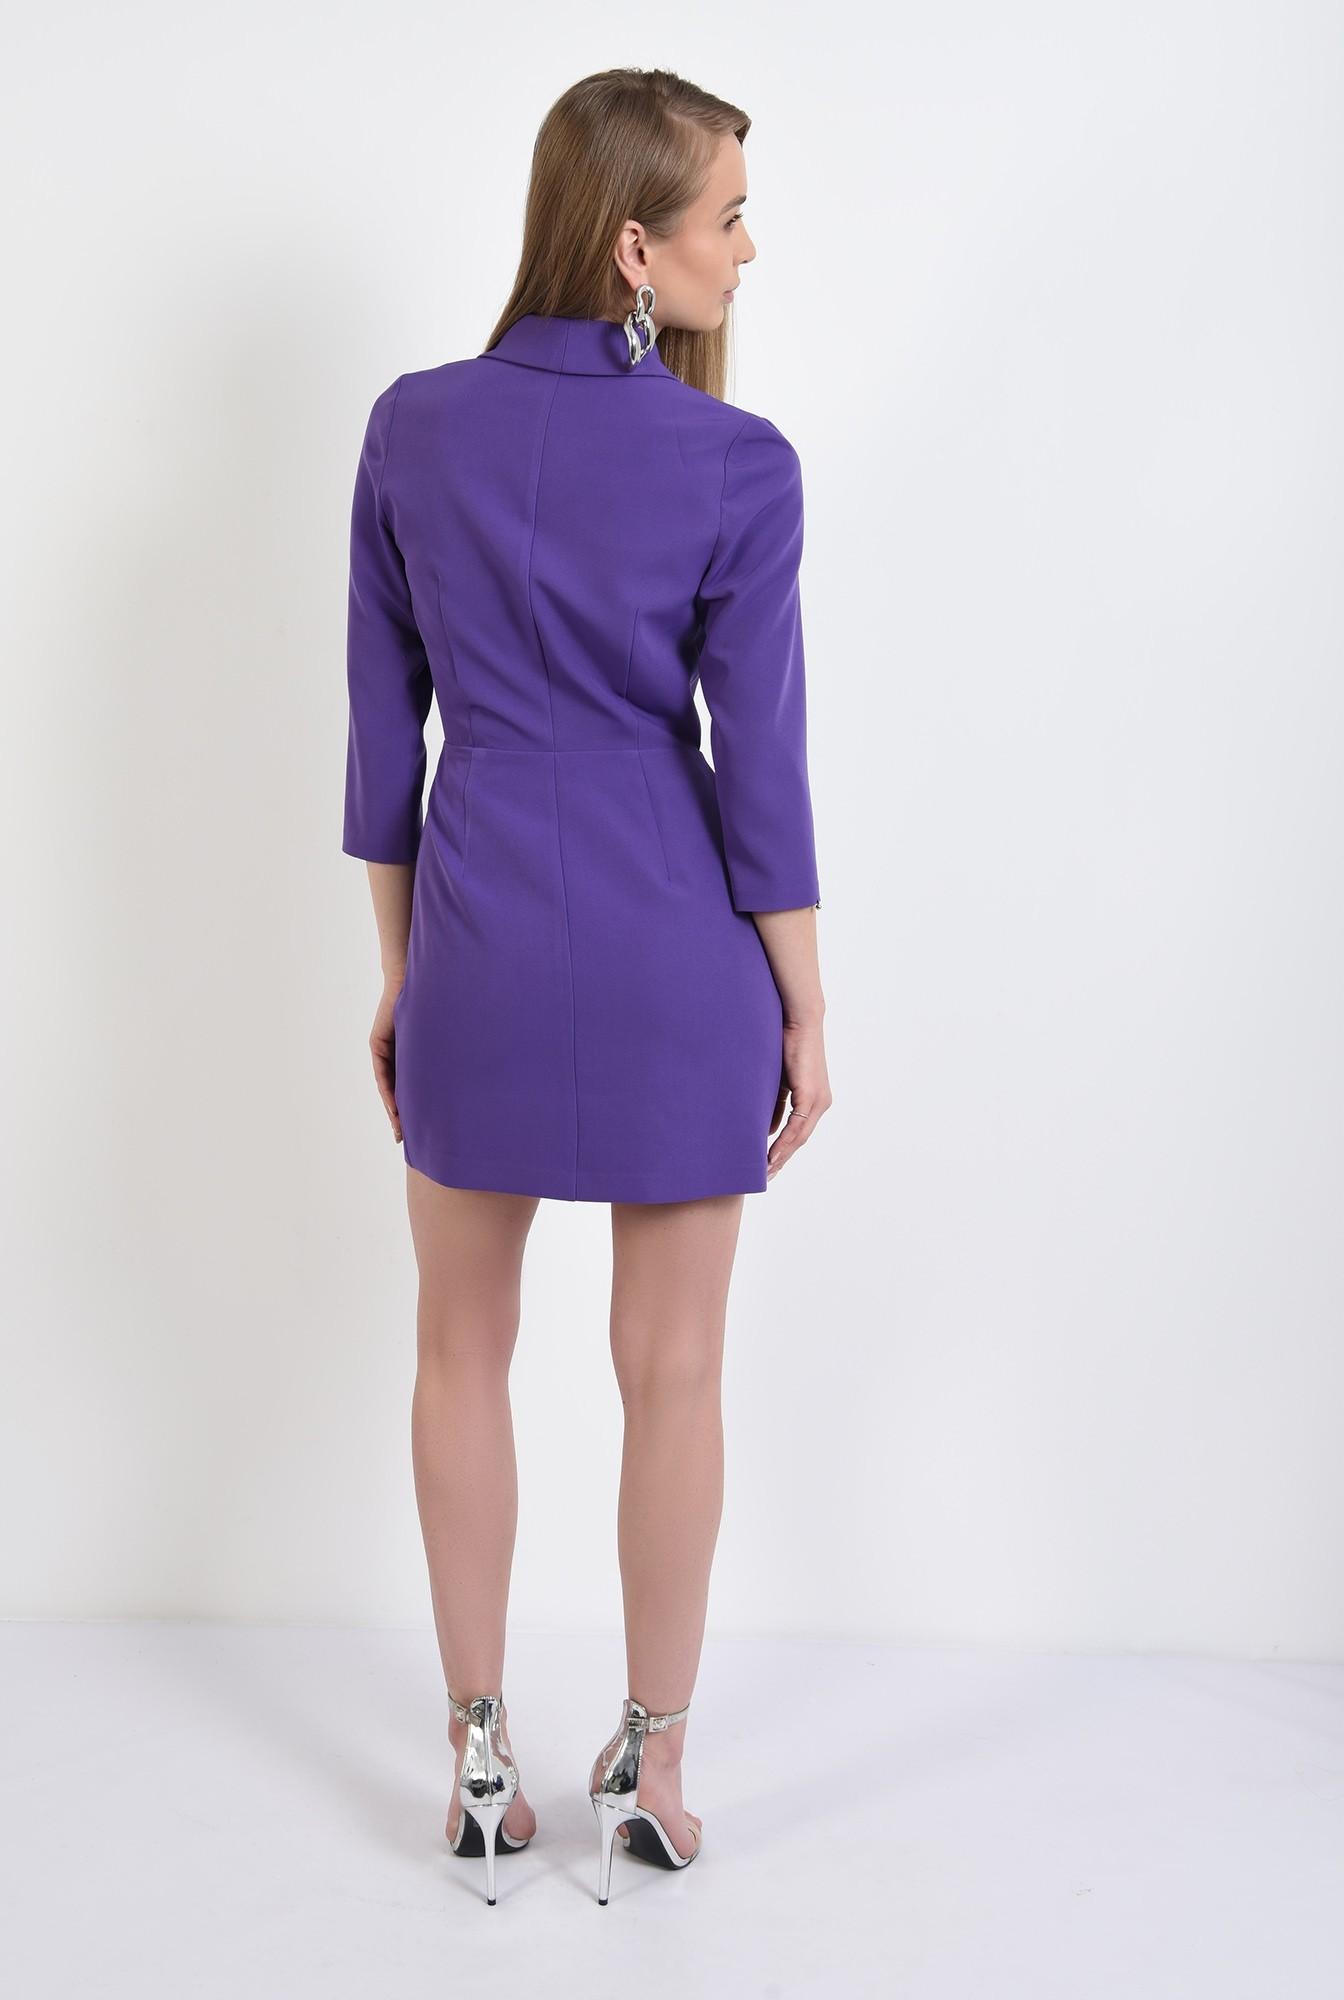 1 -  rochie blazer, mini, cambrata, maneci midi, cu revere, mov